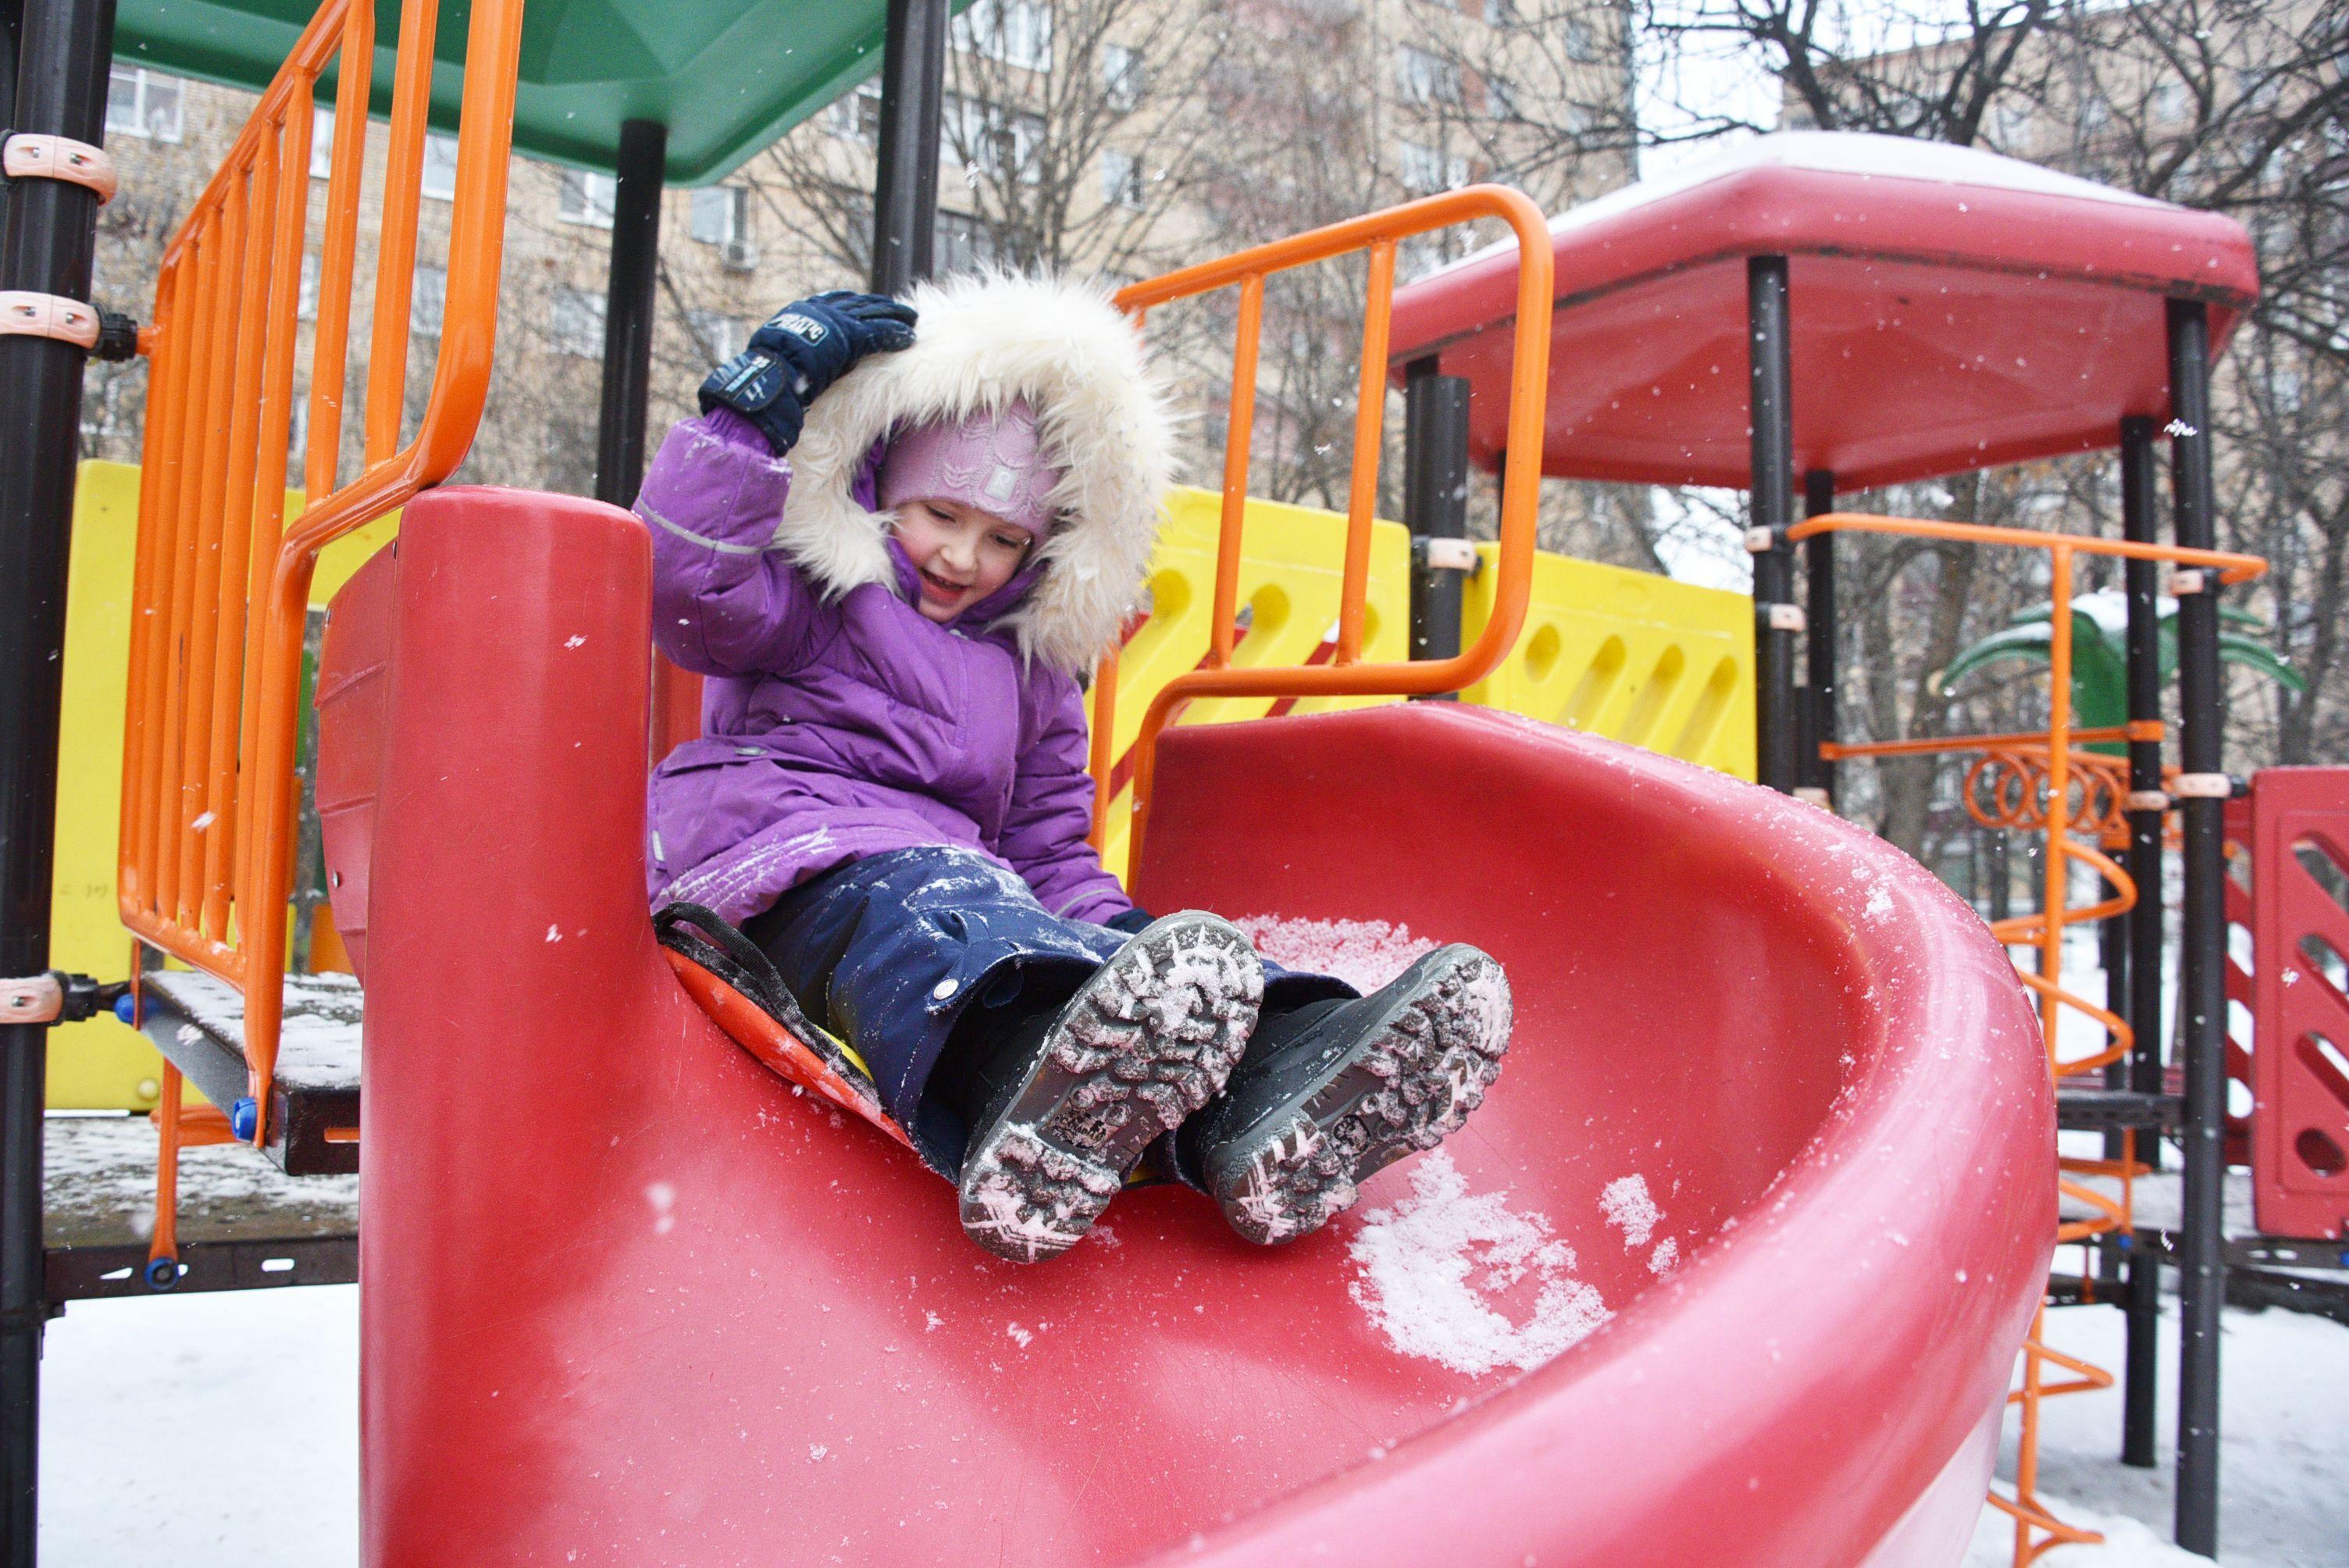 Обновленные детские площадки оборудуют для жителей Михайлово-Ярцевского в 2019 году